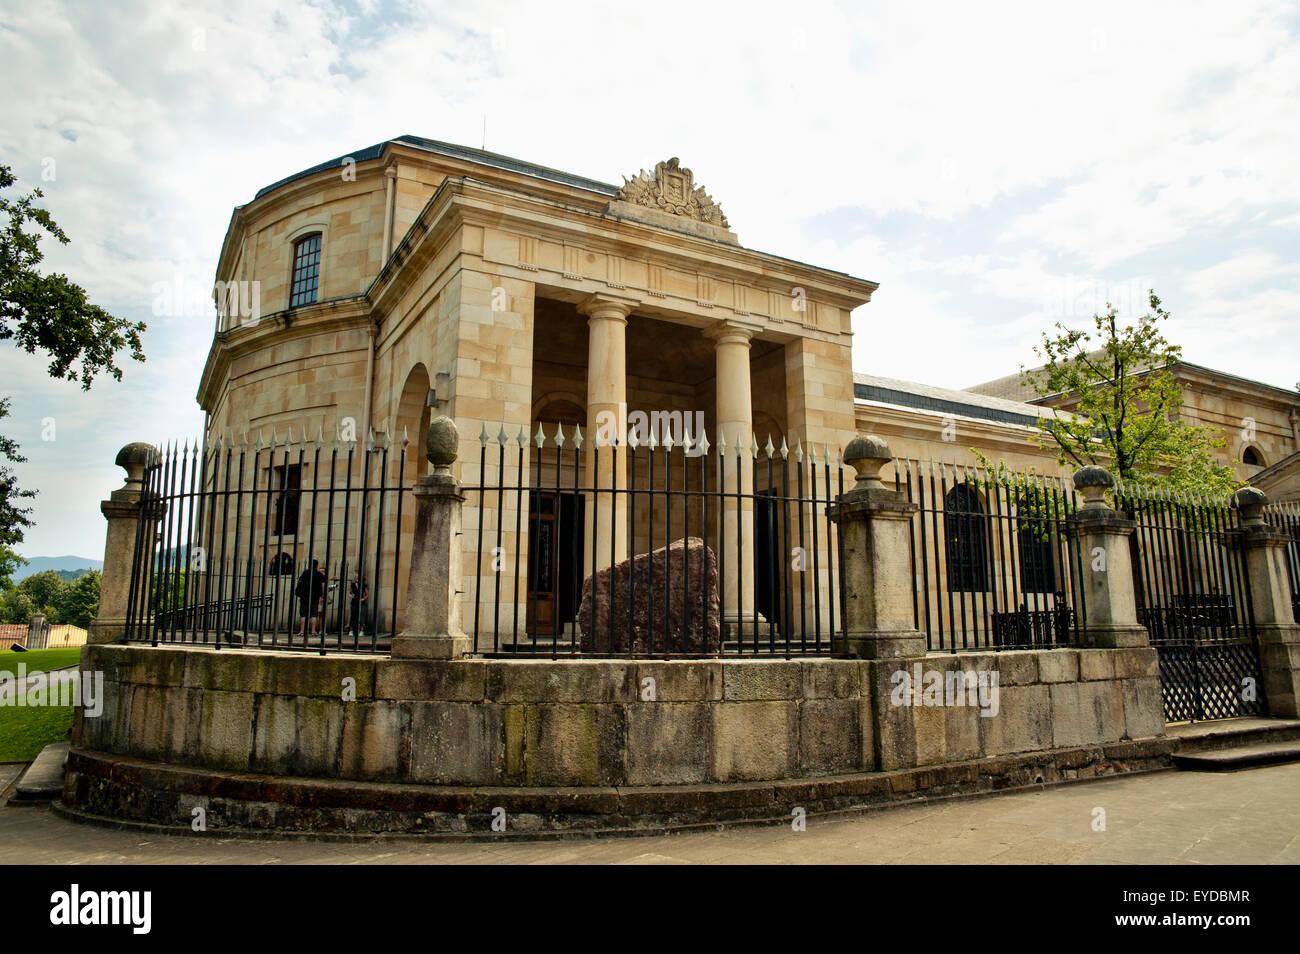 Casa de Juntas, casa dell'Archivio Storico del Paese Basco, Gernika-Lumo, Paesi Baschi Immagini Stock